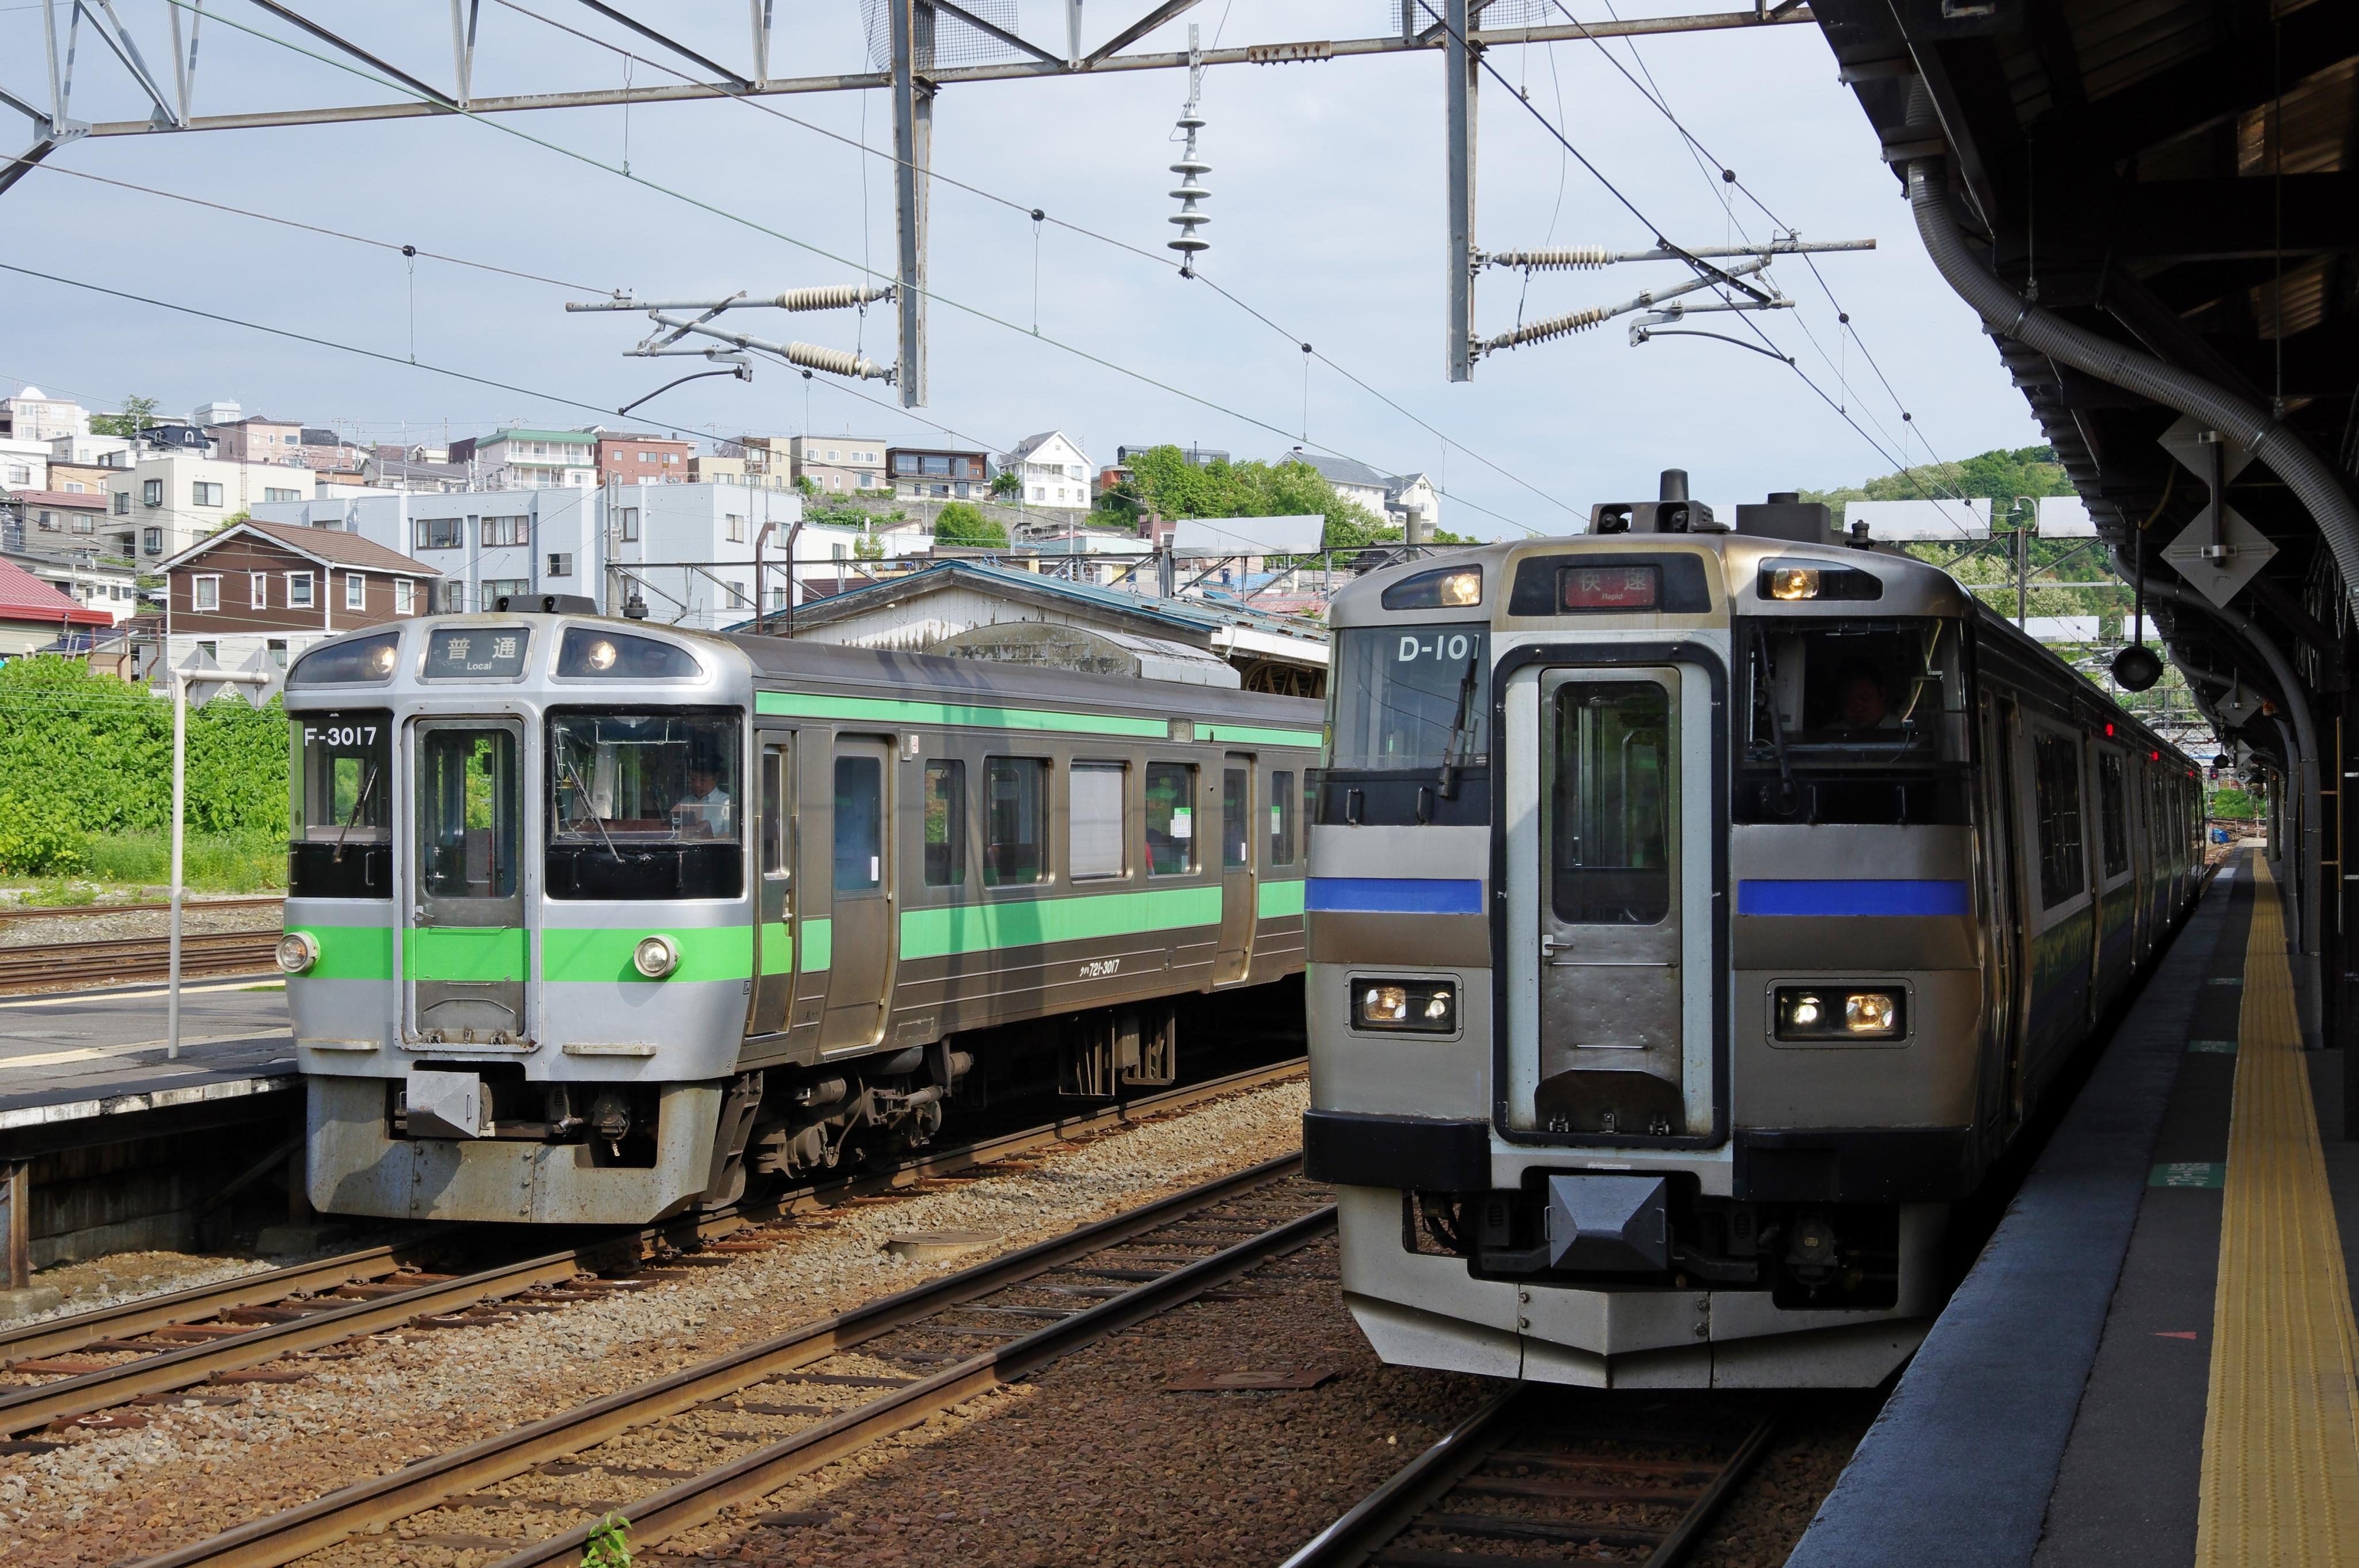 3925D キハ201 ニセコライナー 小樽駅180621 (2).jpg